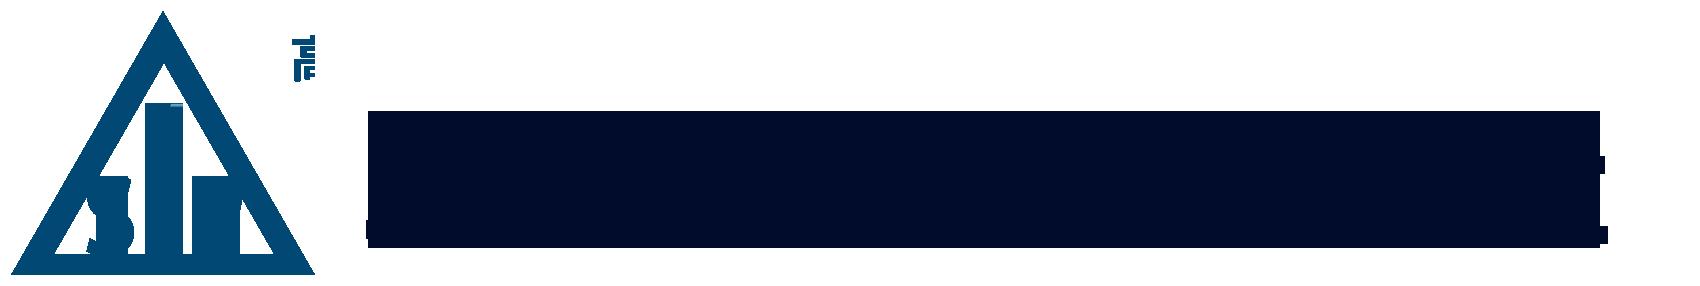 三洋商事株式会社